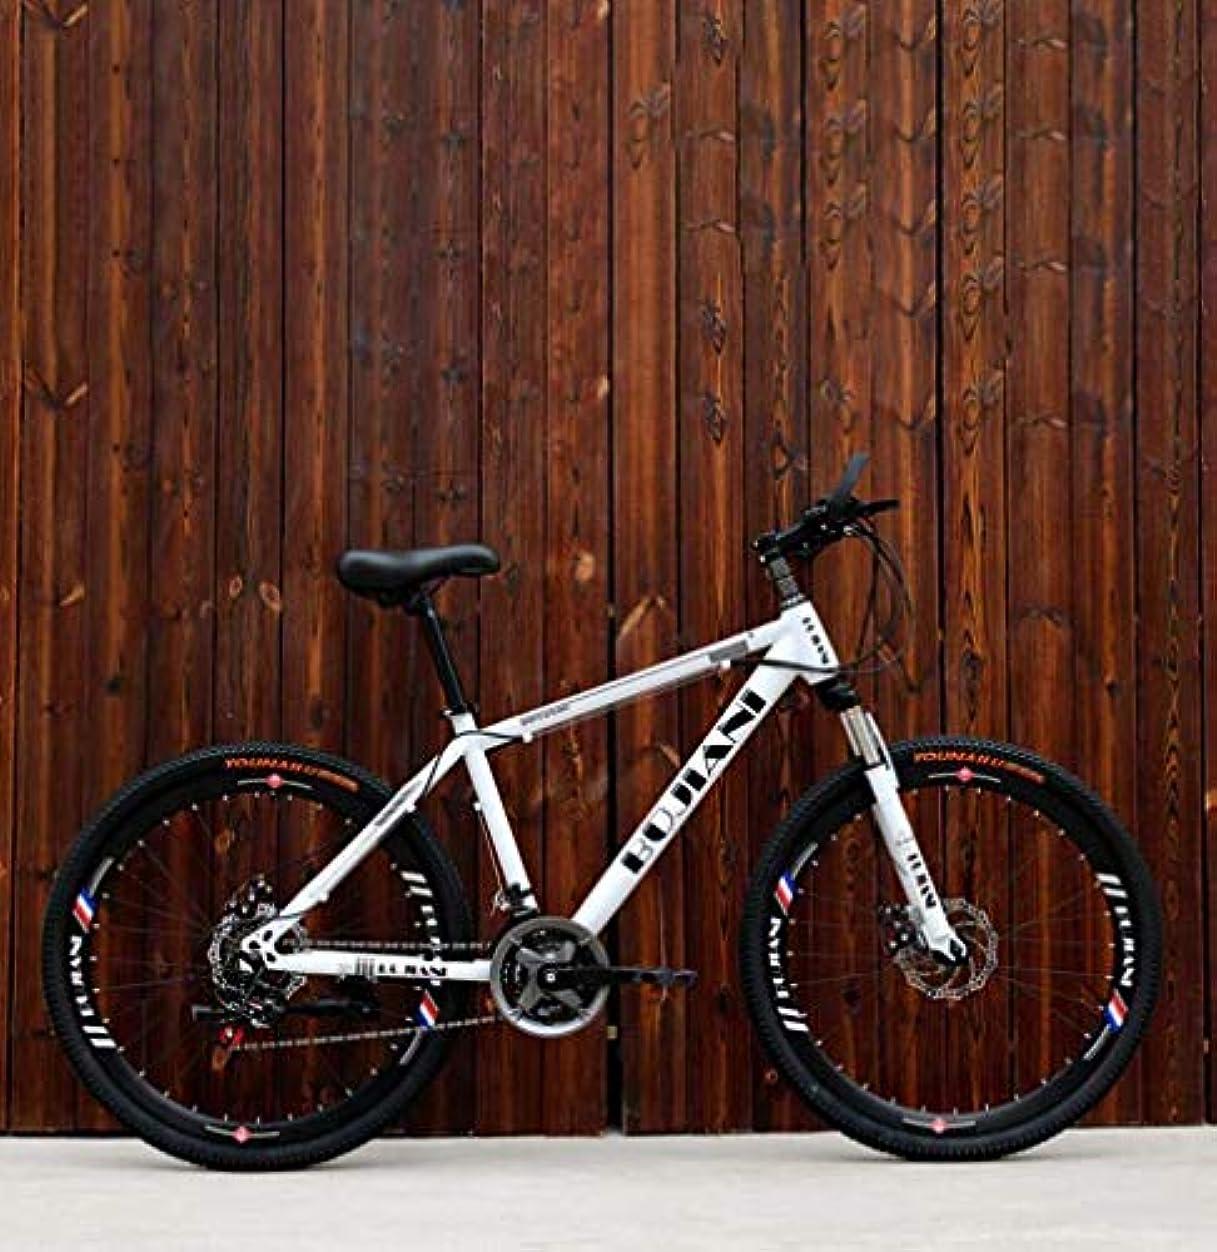 誓い遺伝子気候の山メンズアダルトマウンテンバイク、ダブルディスクブレーキオフロードスノーバイク、少年スチューデントシティロードバイク、24インチホイールビーチ自転車